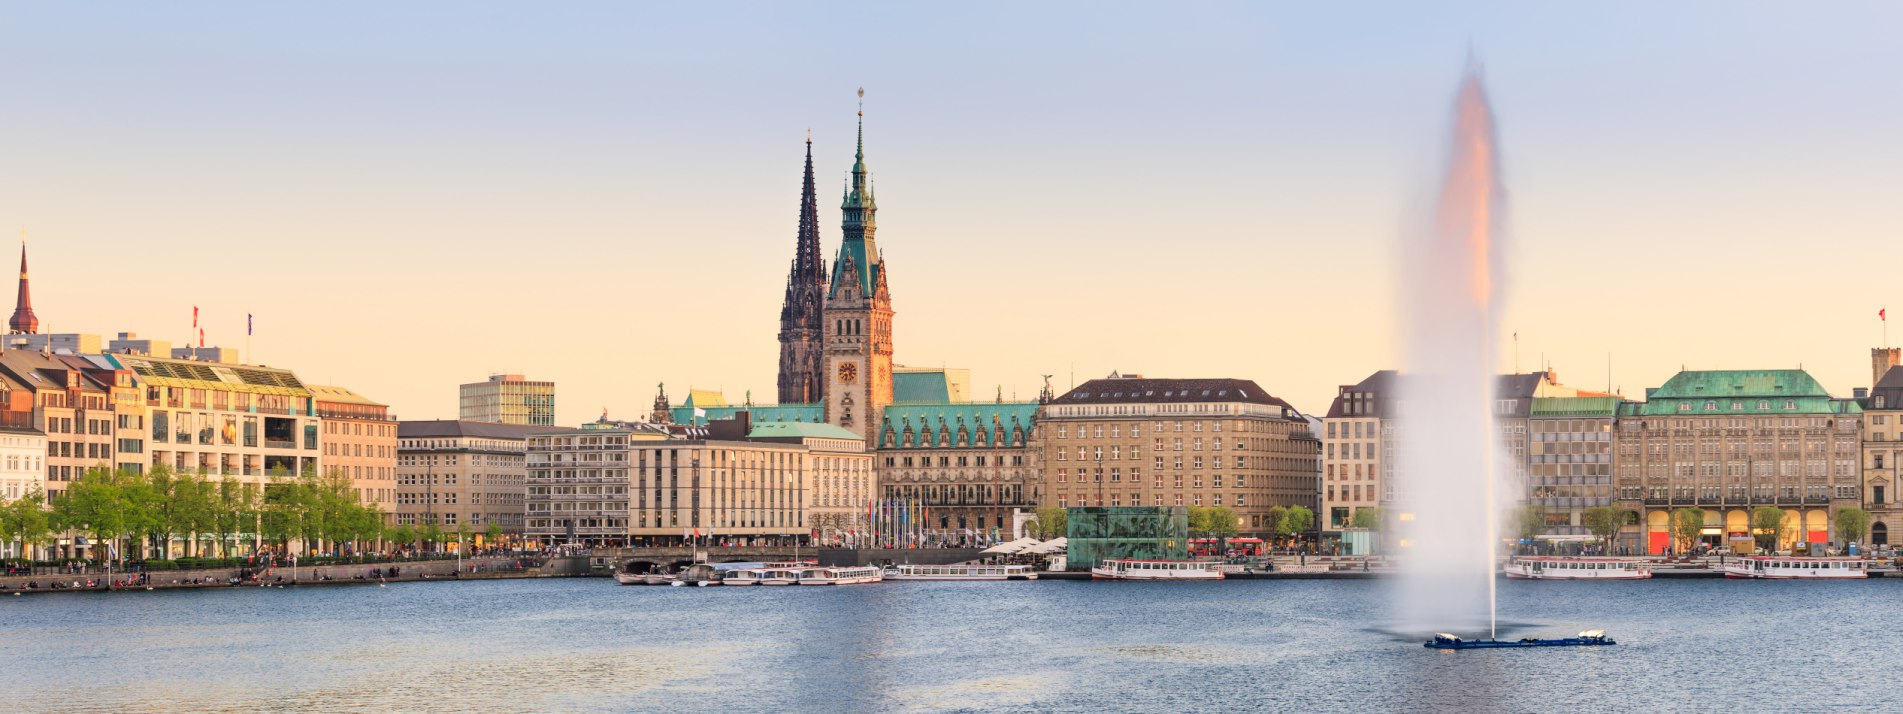 Die Alster und der Jungfernstieg in Hamburg - BAHNHIT.DE, © iStock, Photo: Fabian Wentzel